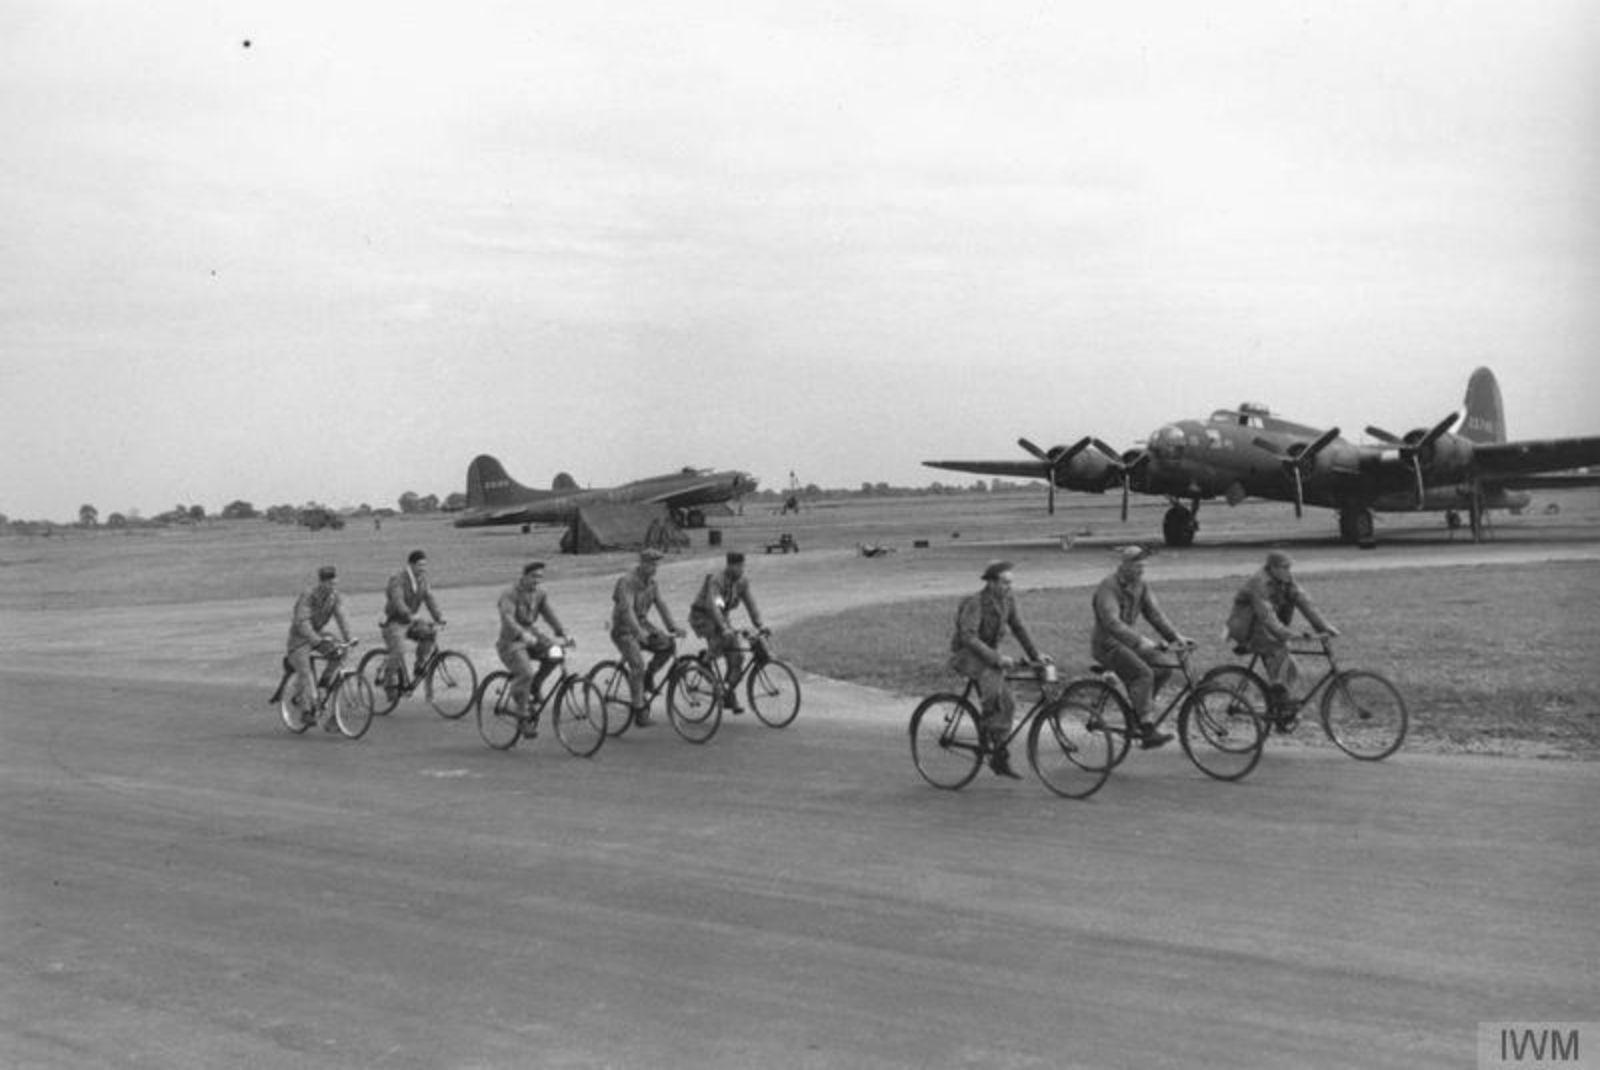 Alconbury - June 1943 © IWM Fre 754